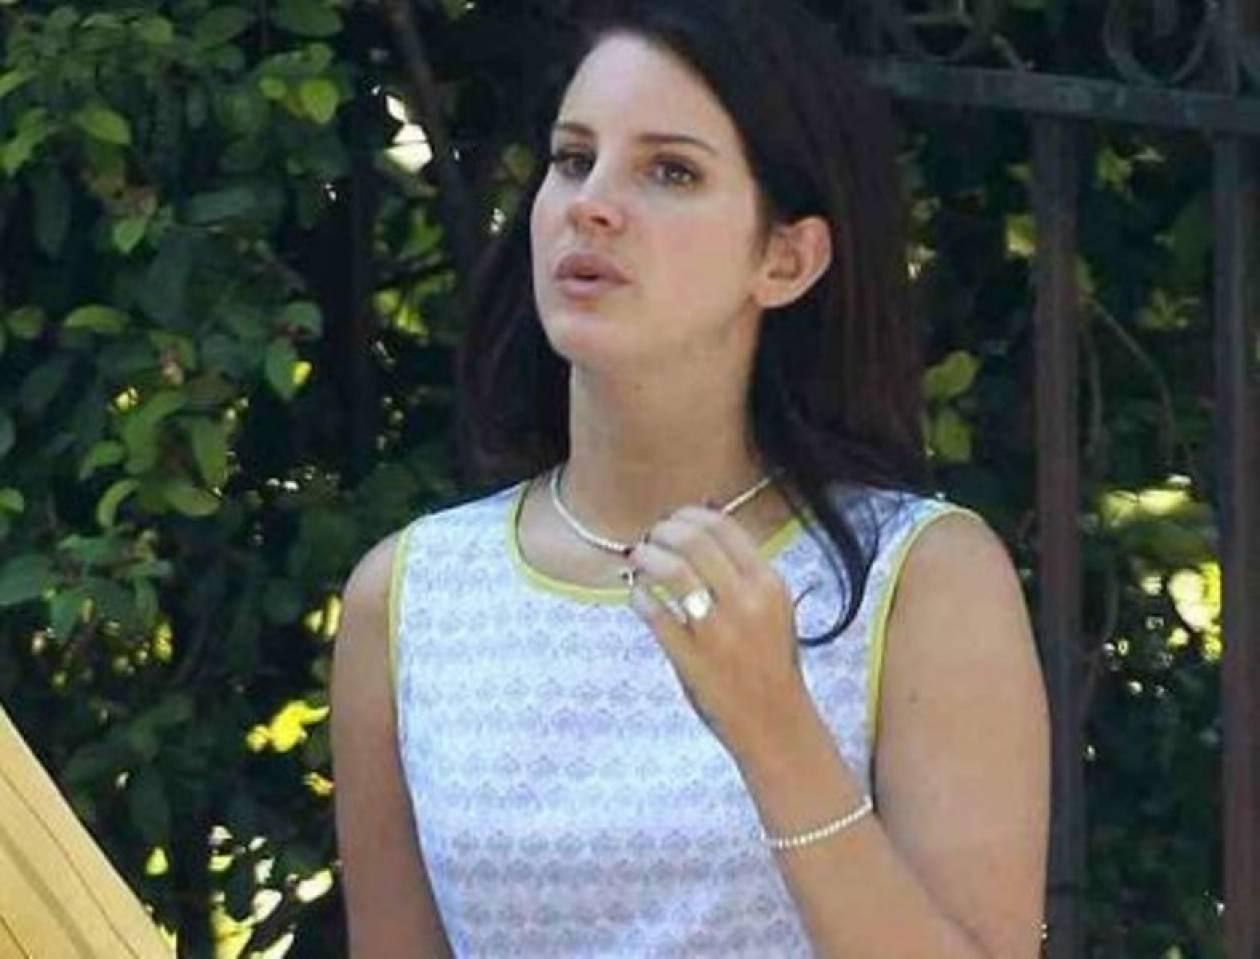 Μονόπετρο για τη Lana Del Rey! Παντρεύεται;